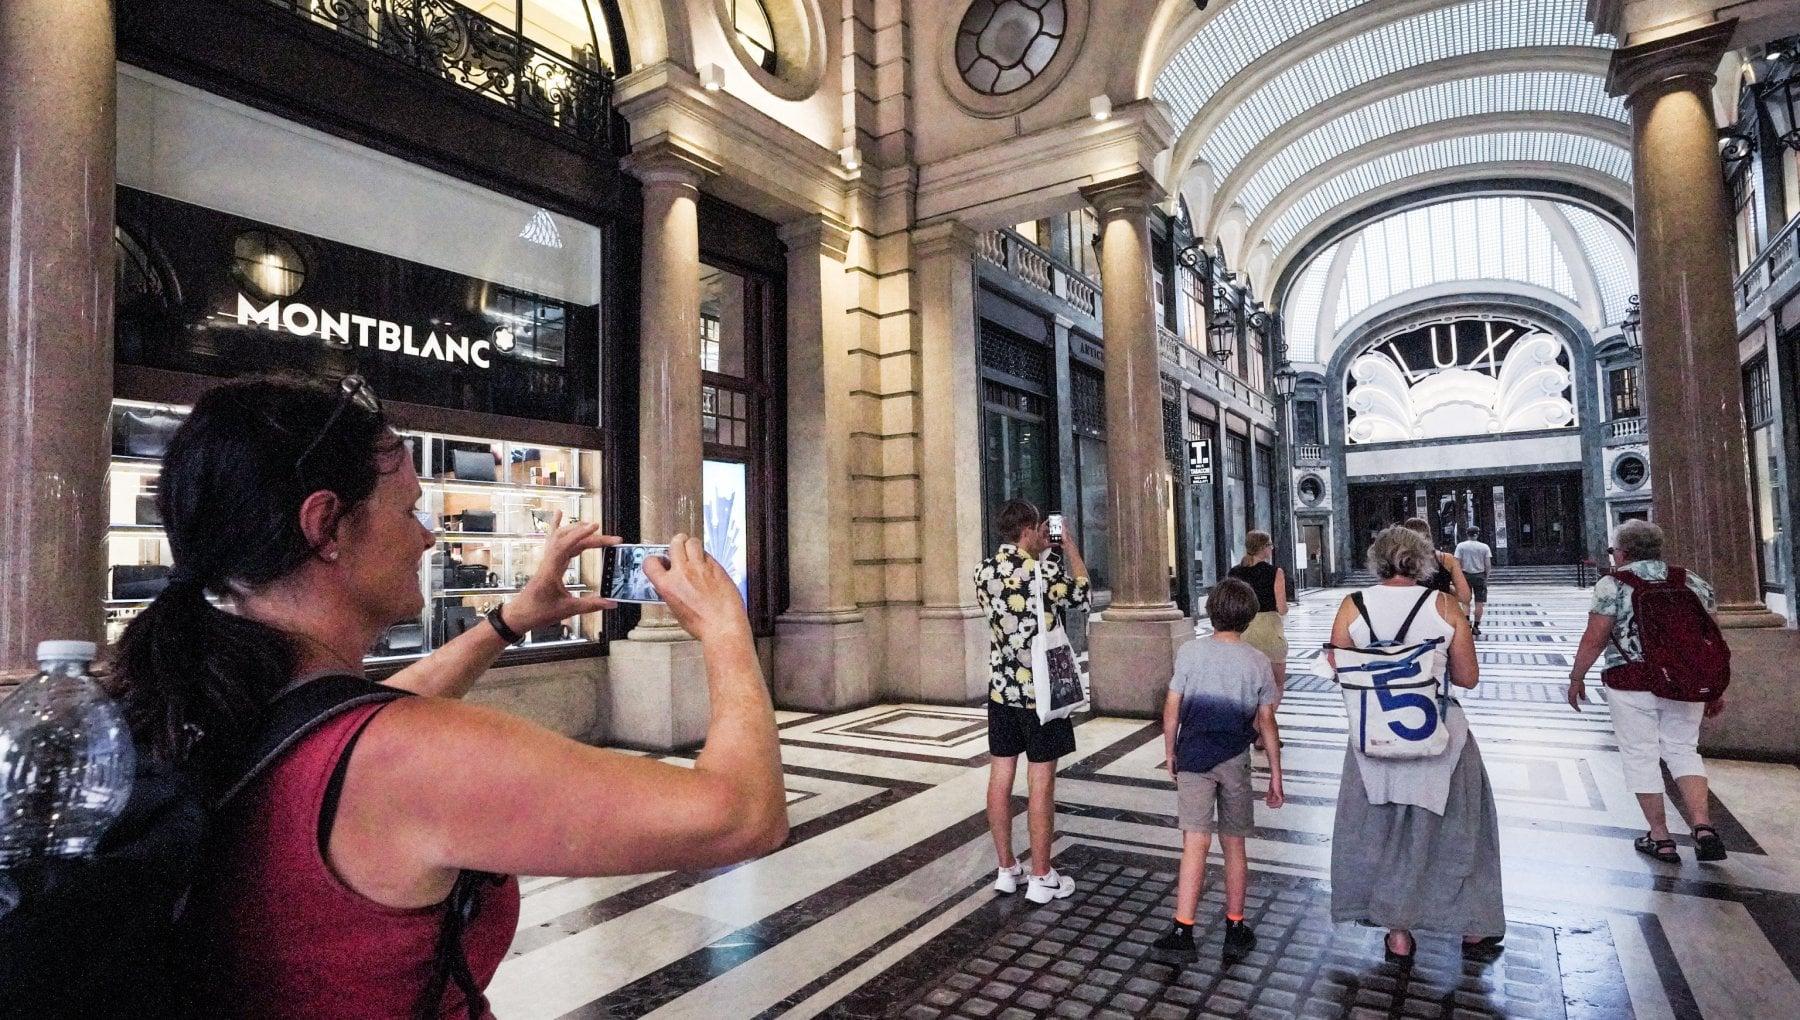 222531372 ff1769c4 6778 4162 ad5d 1f6fd257d88e - Musei, cinema e gastronomia: guida al Ferragosto nelle città